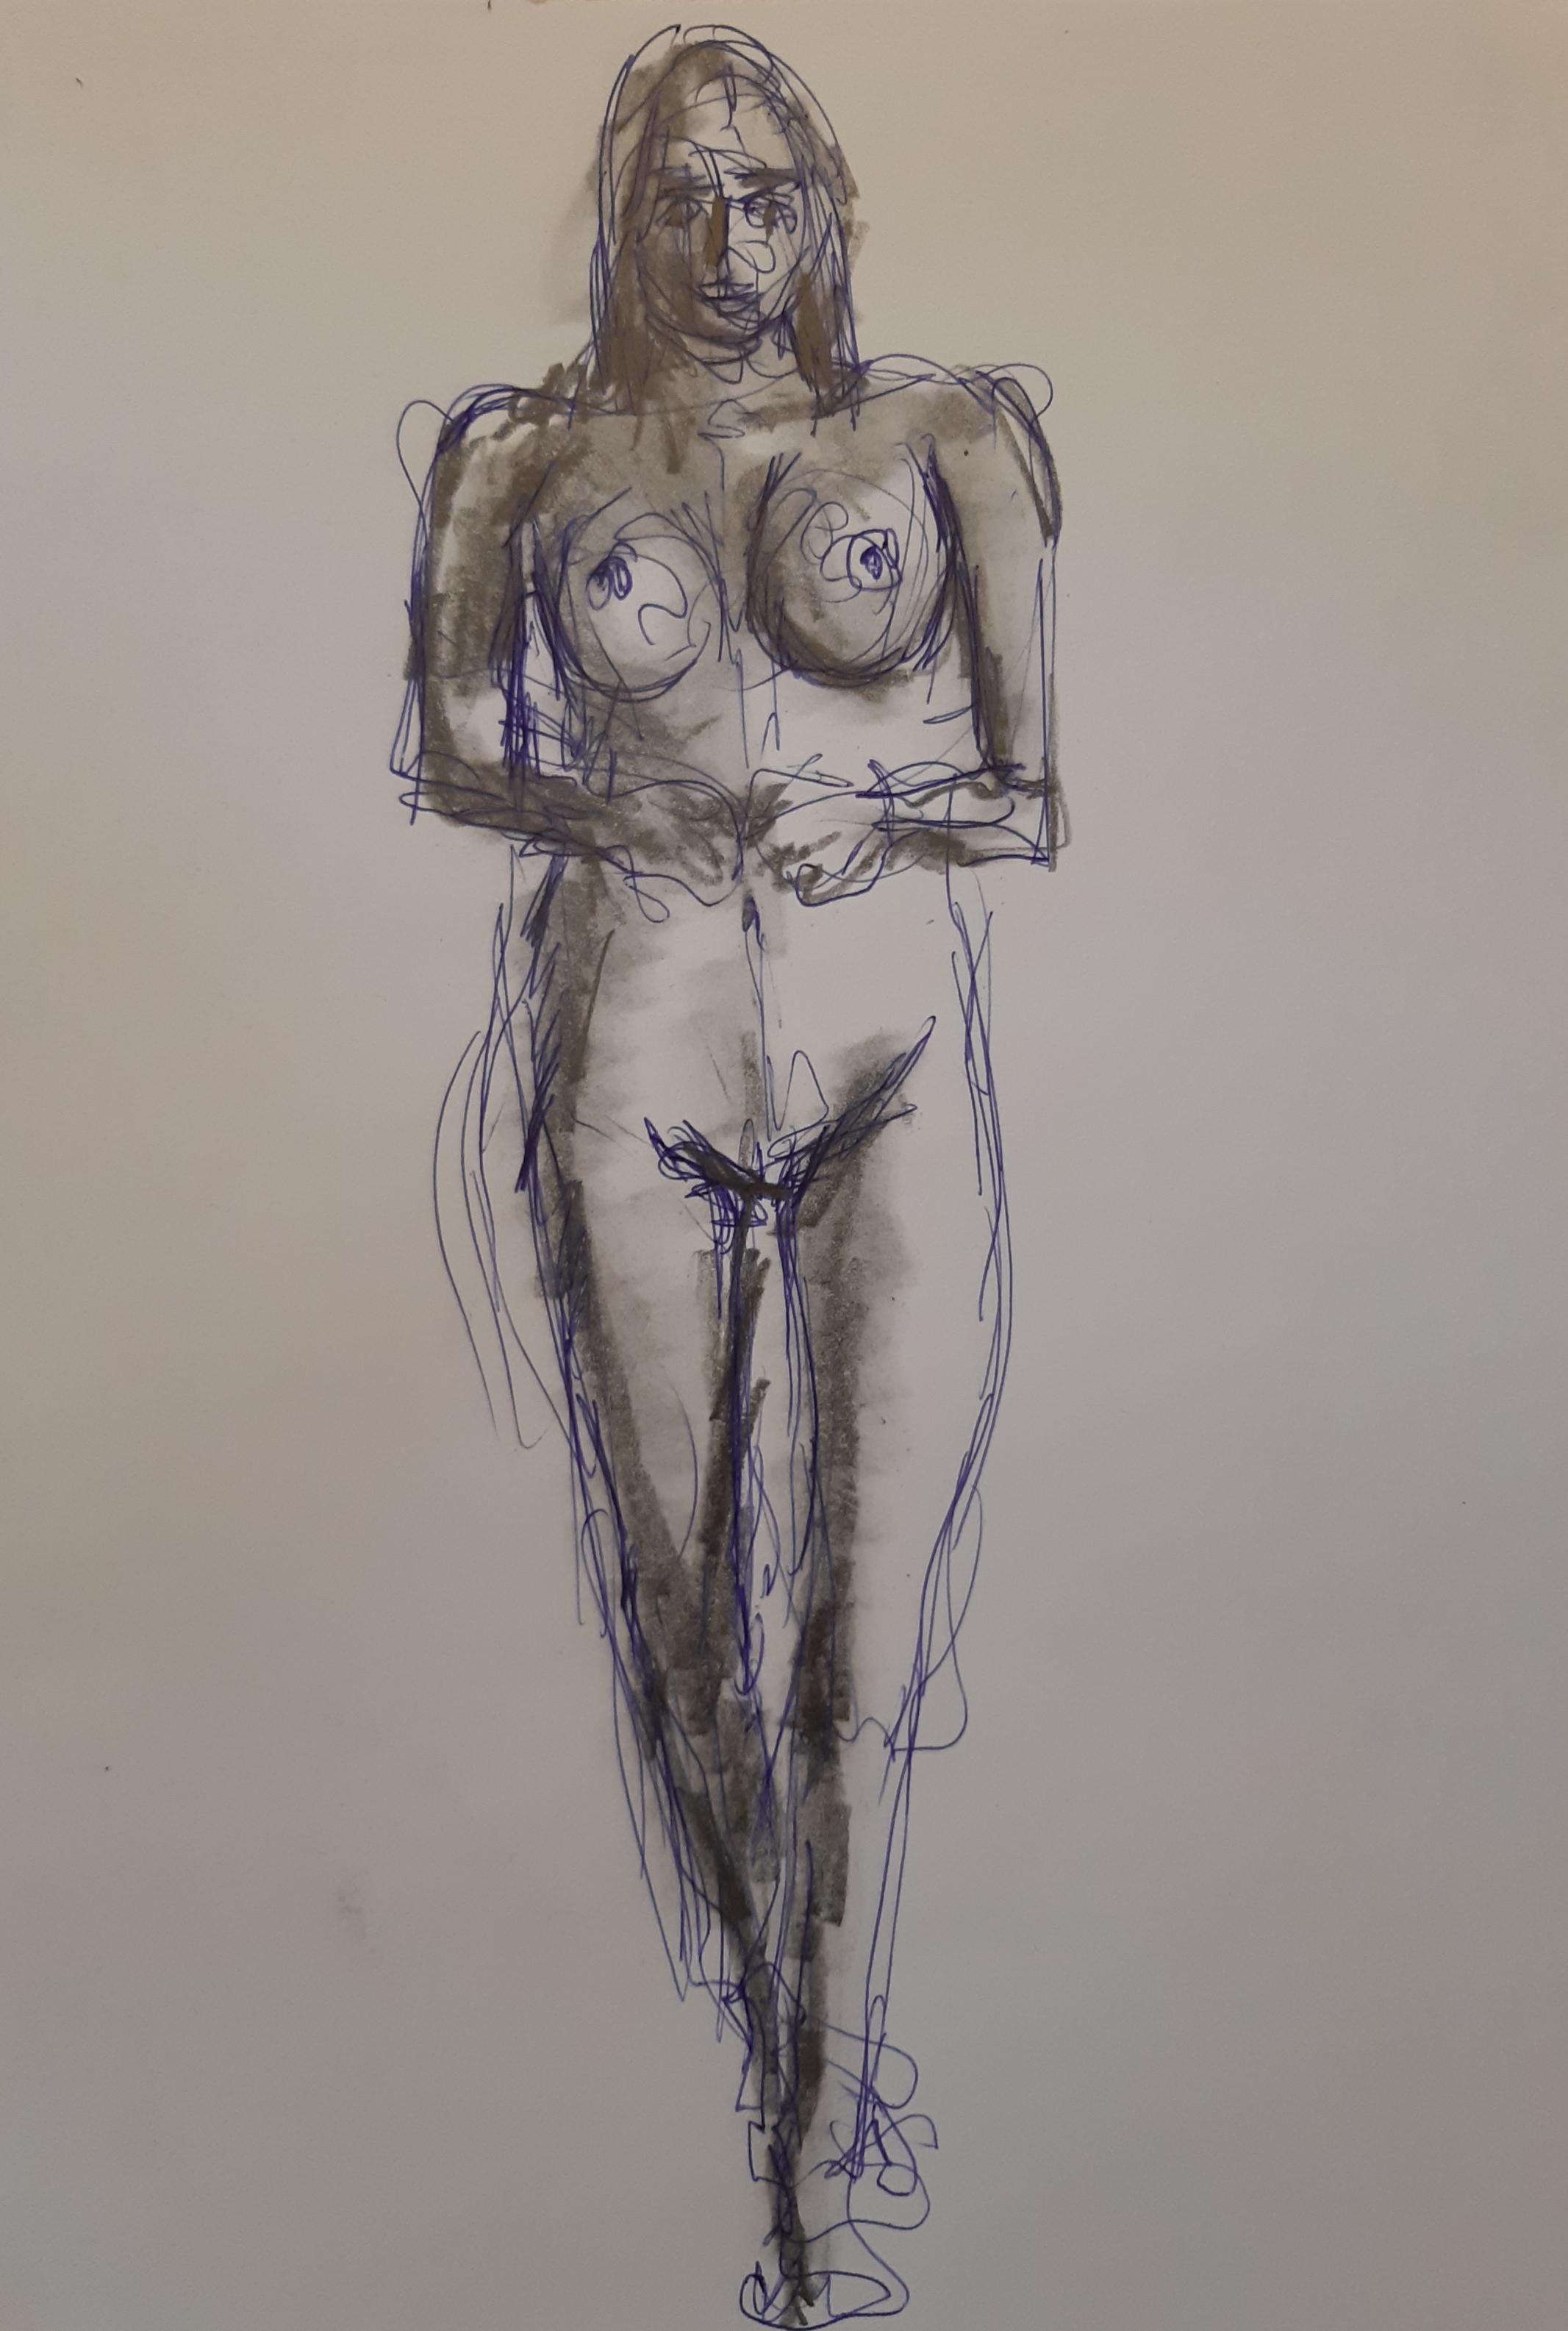 Dessin technique mixte stylo à bille graphite à l'estompe sur papier  cours de dessin